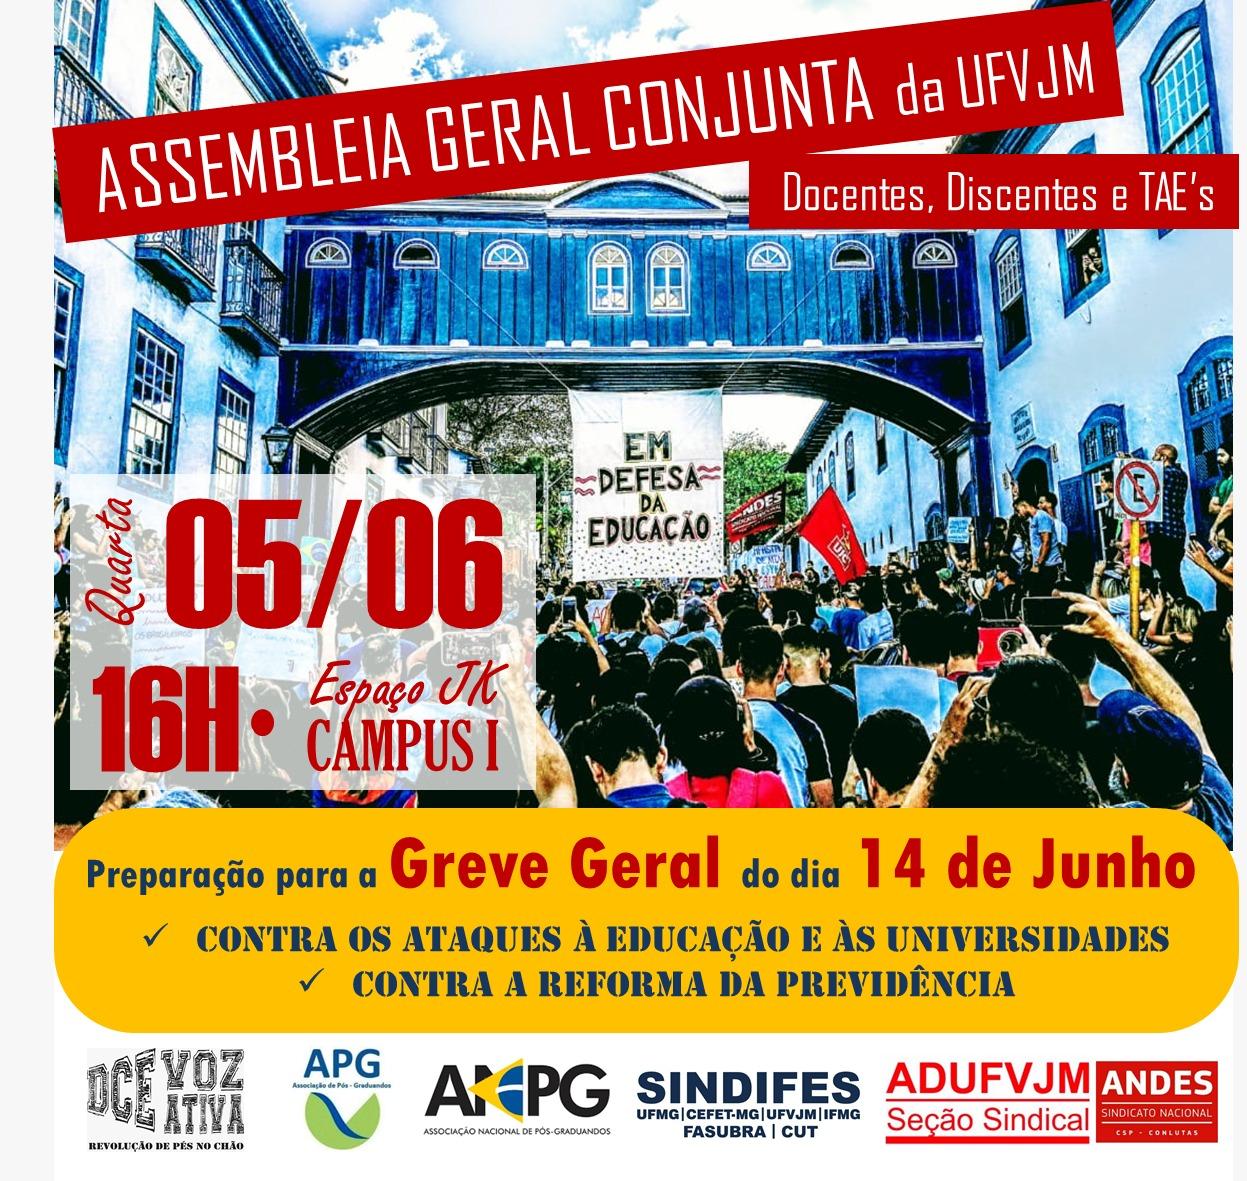 Comunidade Universitária da UFVJM fará Assembleia conjunta nesta quarta, 5, para organizar a Greve Geral 1